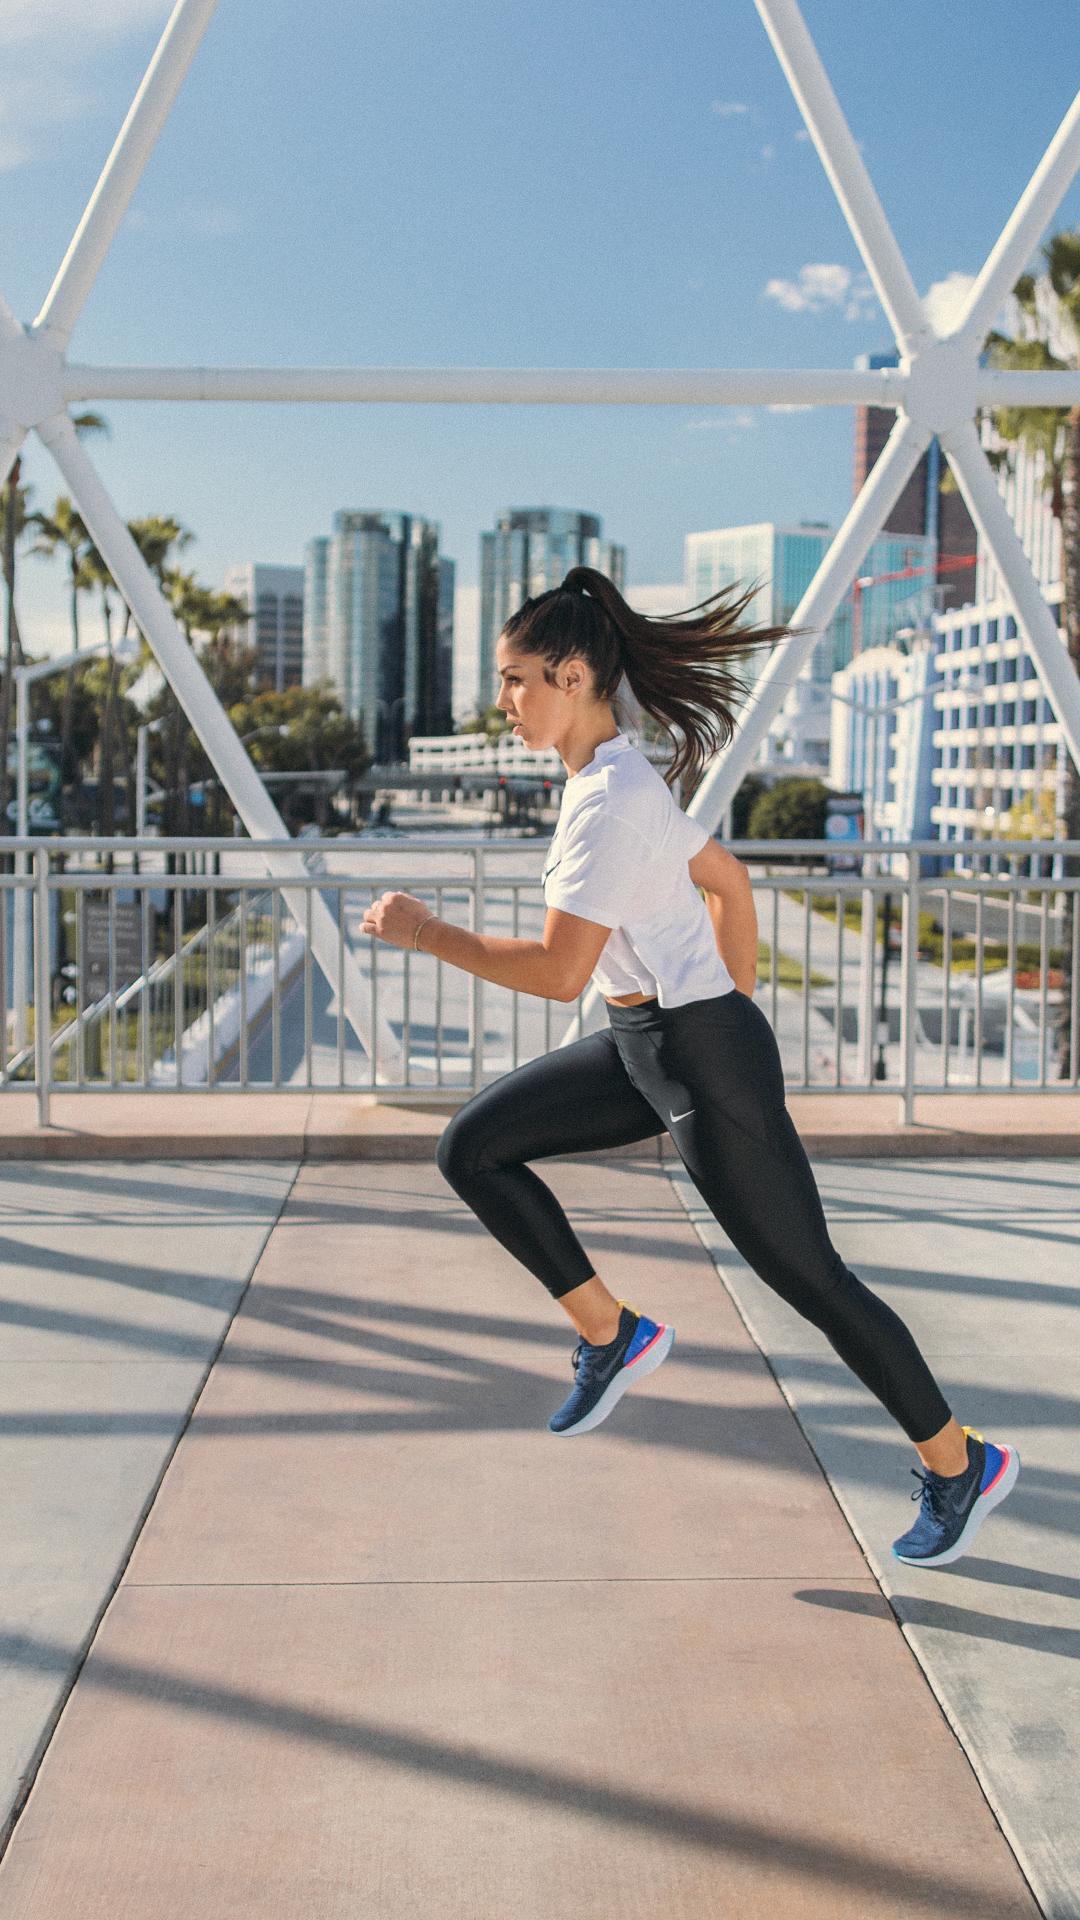 Nike_React_MeganB_Speed_Post_040418.jpg